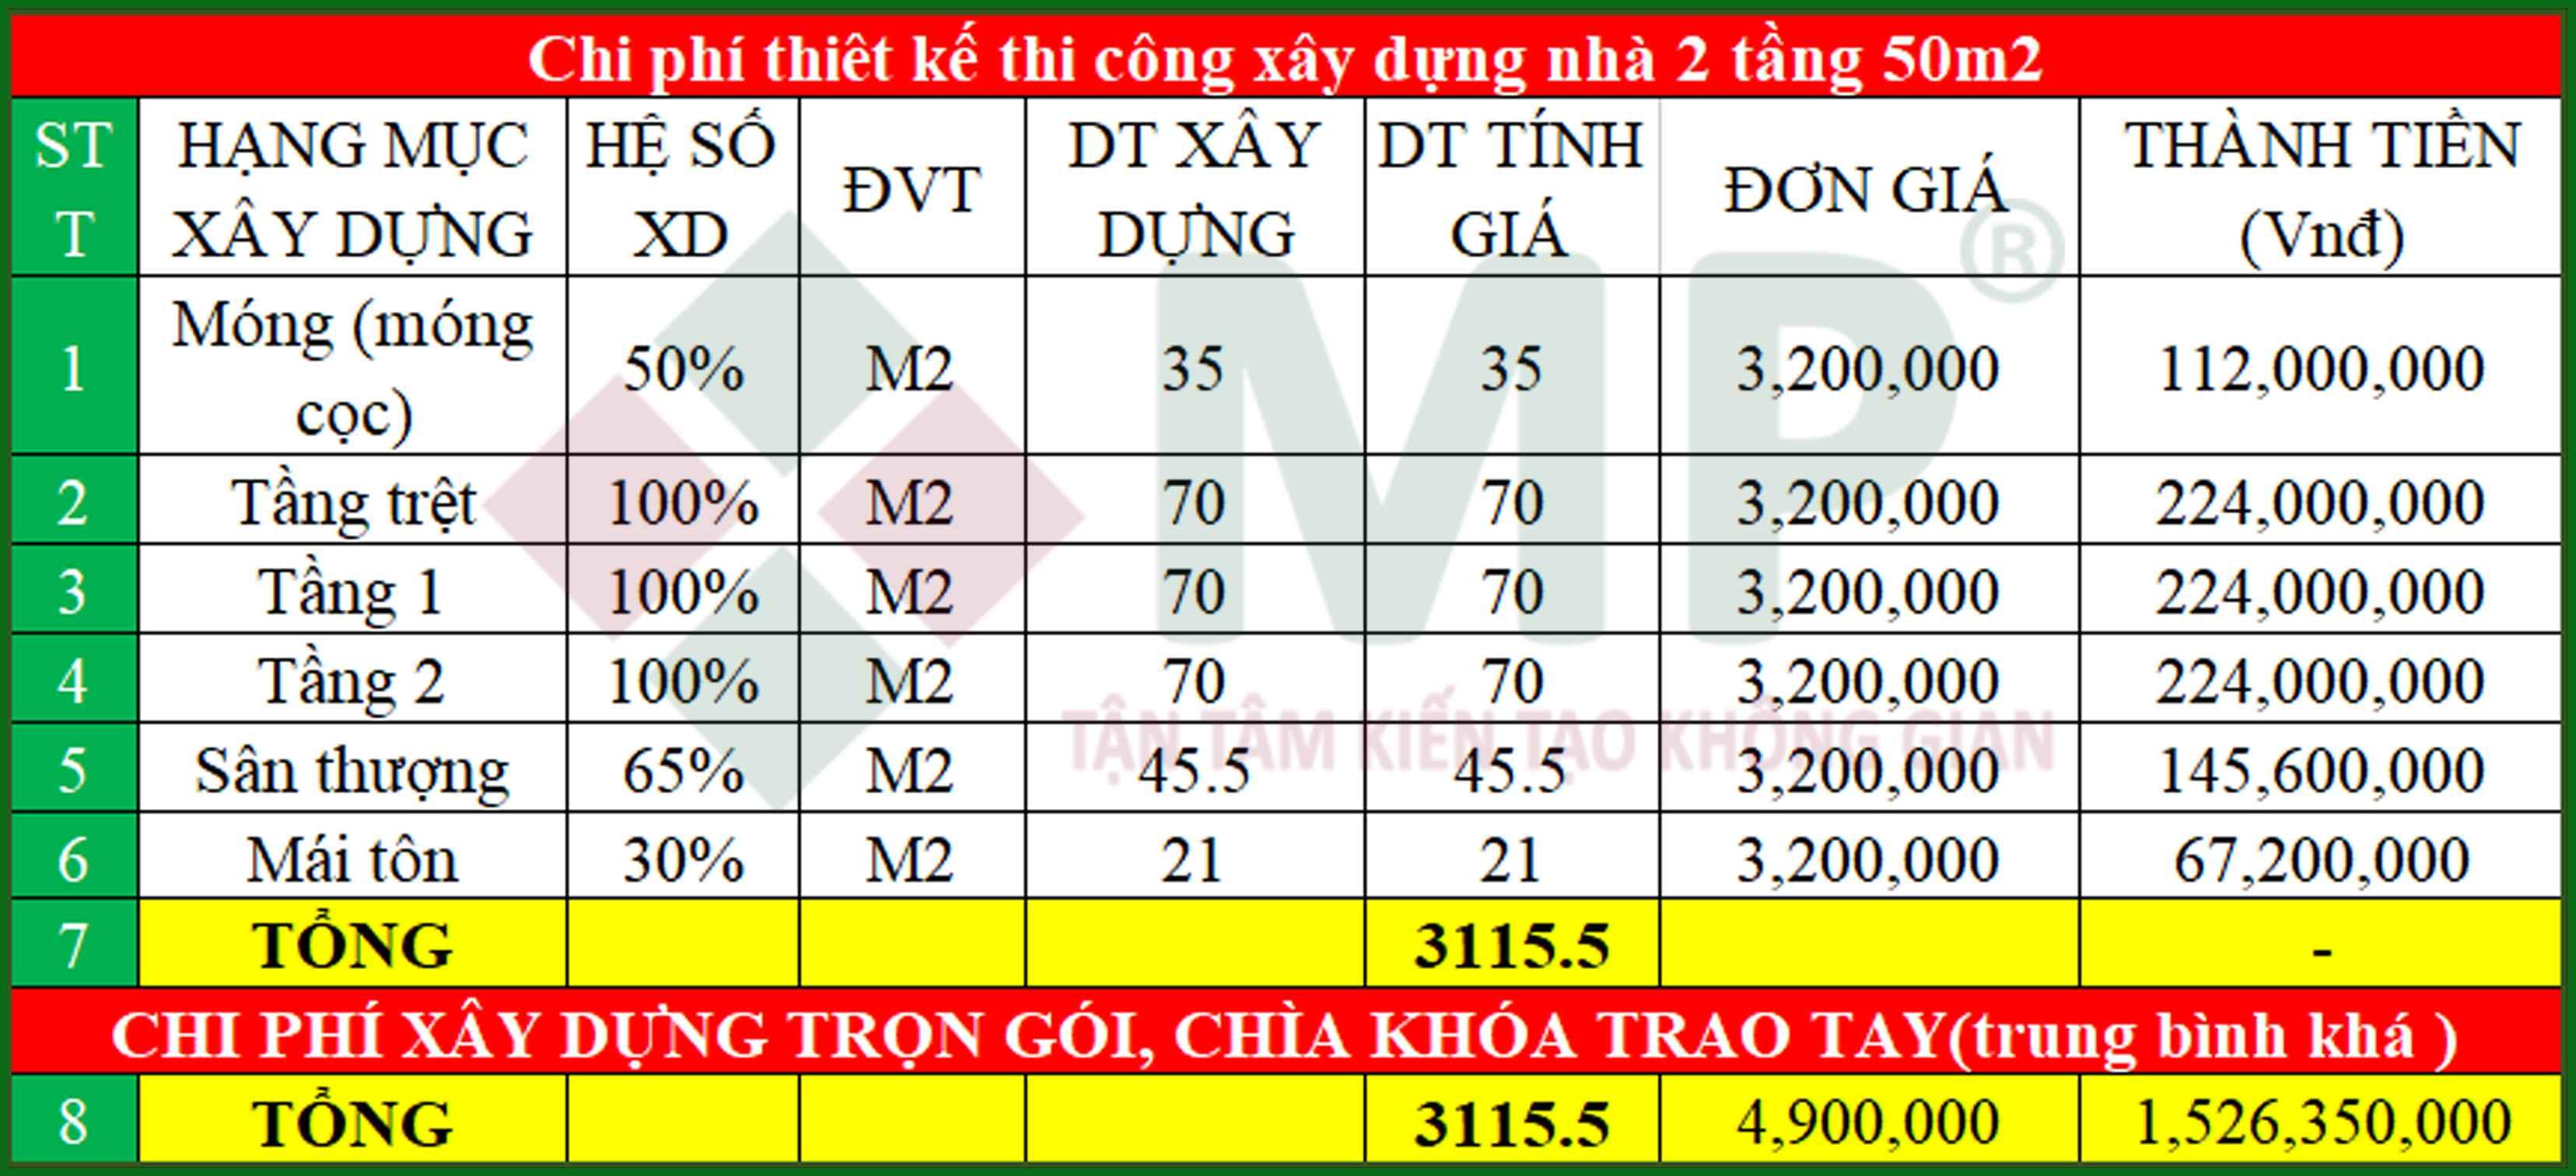 Chi phí thiết kế xây dựng nhà 2 tầng 70m2